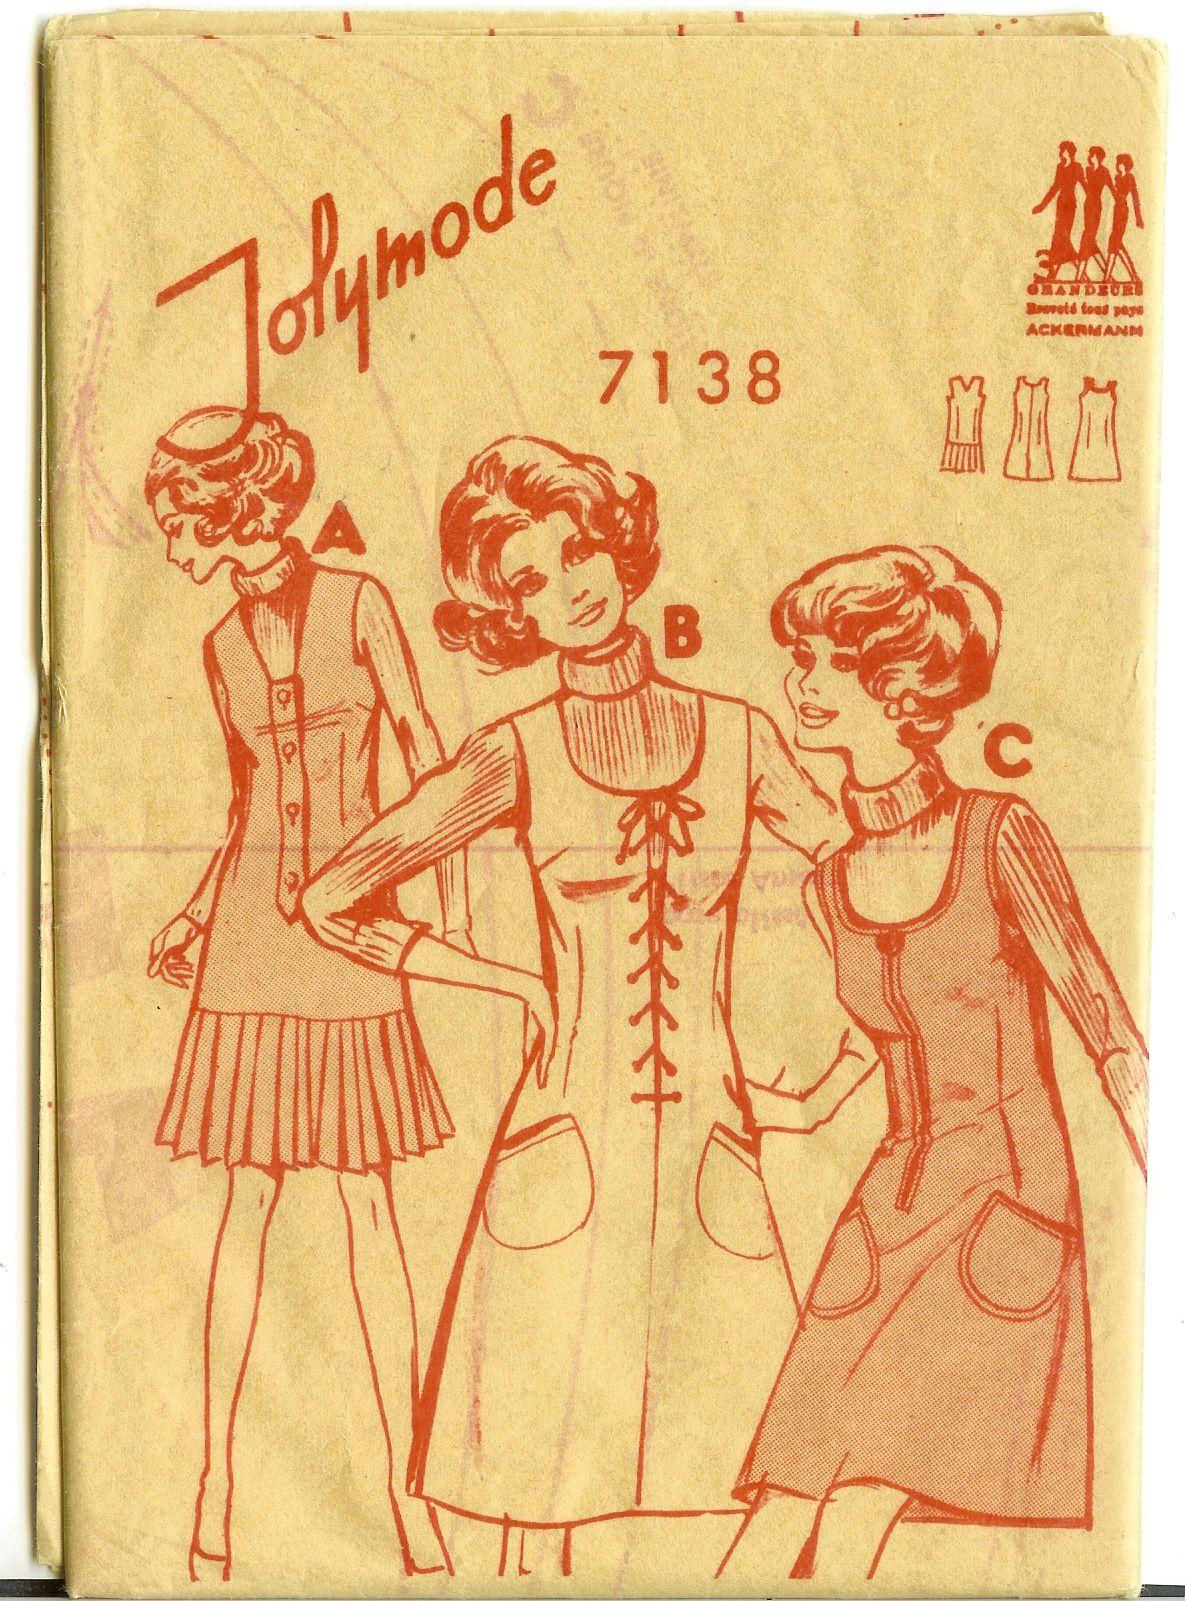 Jolymode 7138